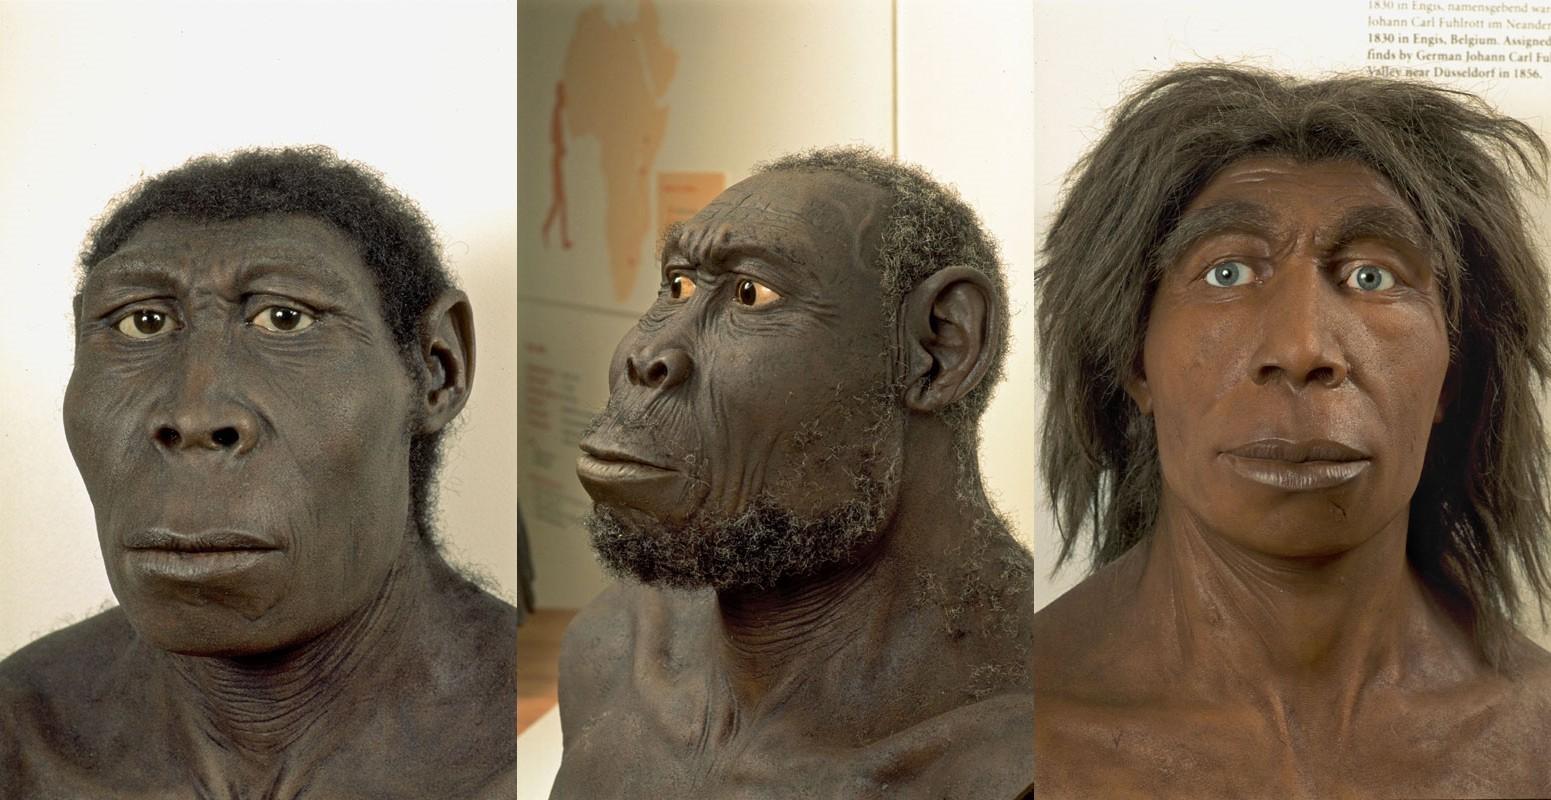 Họ hàng của loài người: Homo rudoltensis (Đông Phi); Homo erectus (Đông Á); và Homo neanderthalensis (châu Âu và Tây Á).